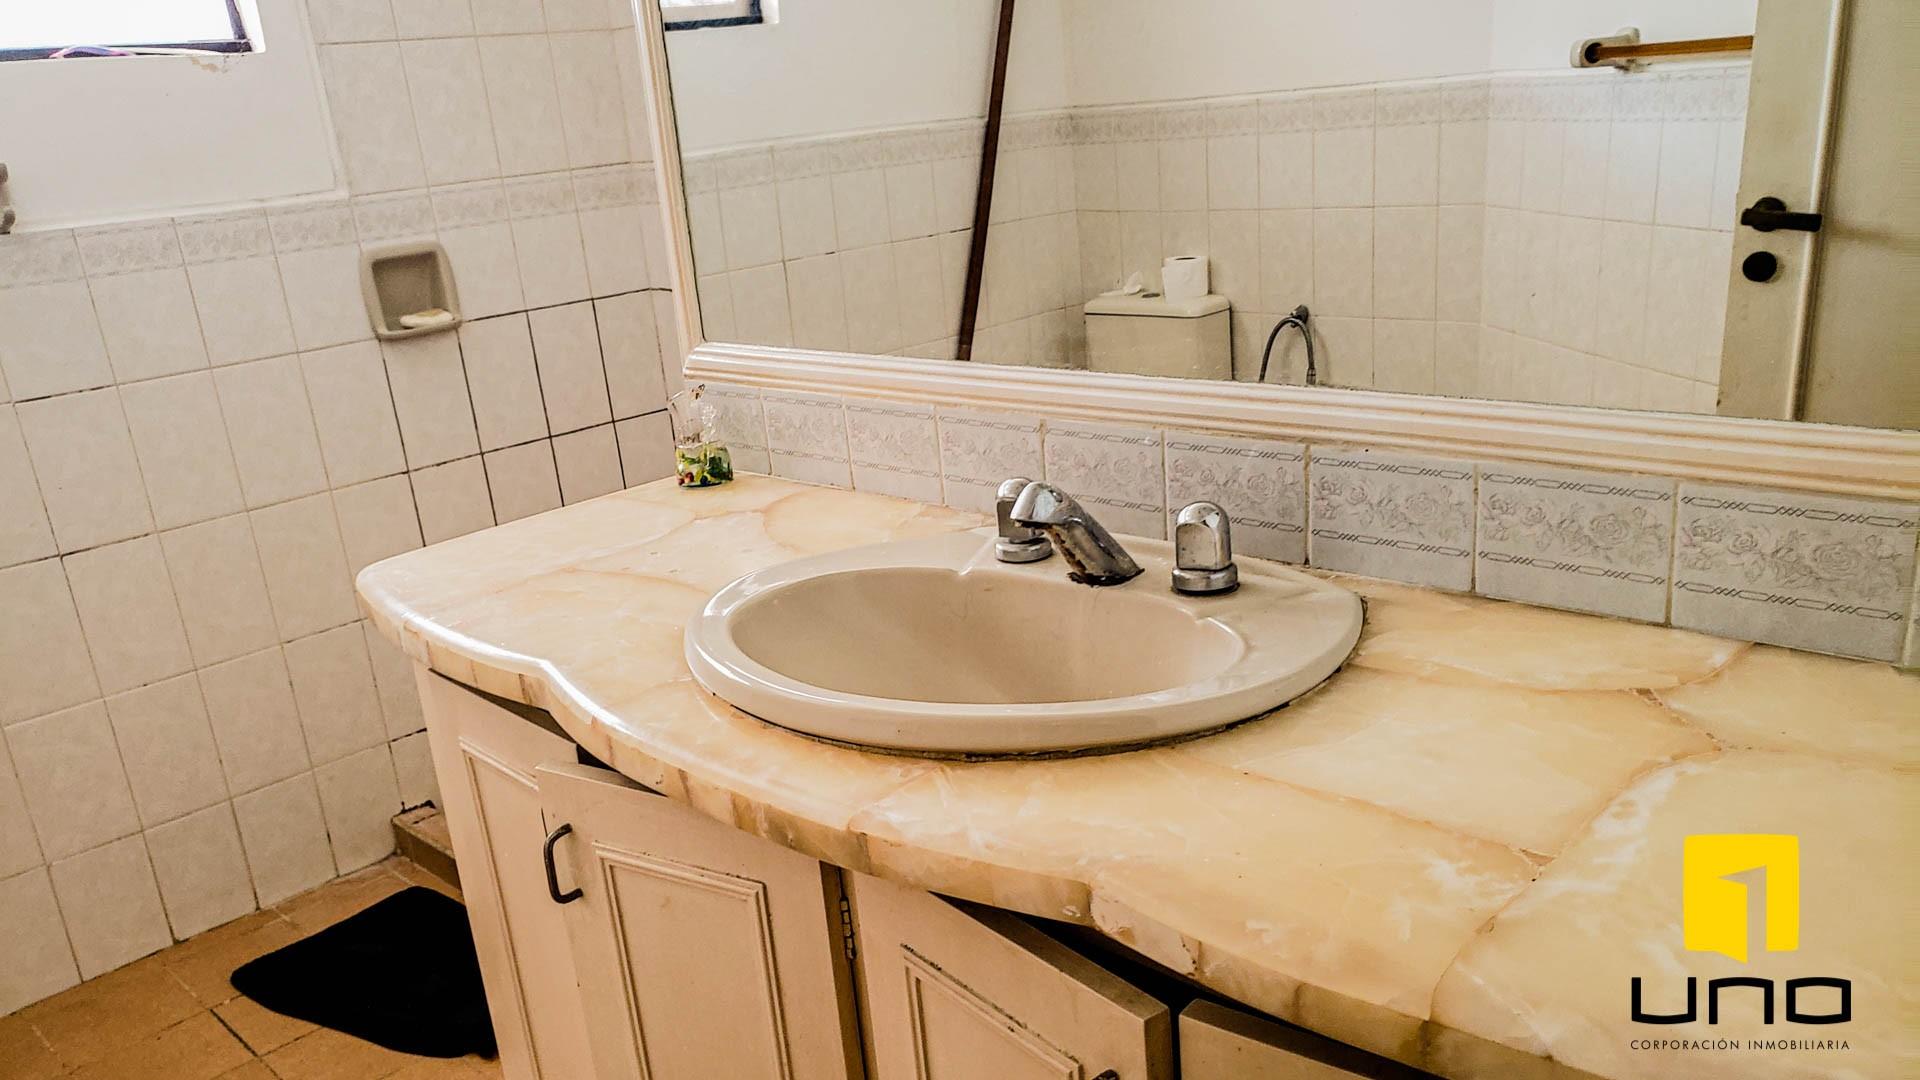 Casa en Venta $us 260.000 VENDO CASA BARRIO LAS PALMAS Foto 10